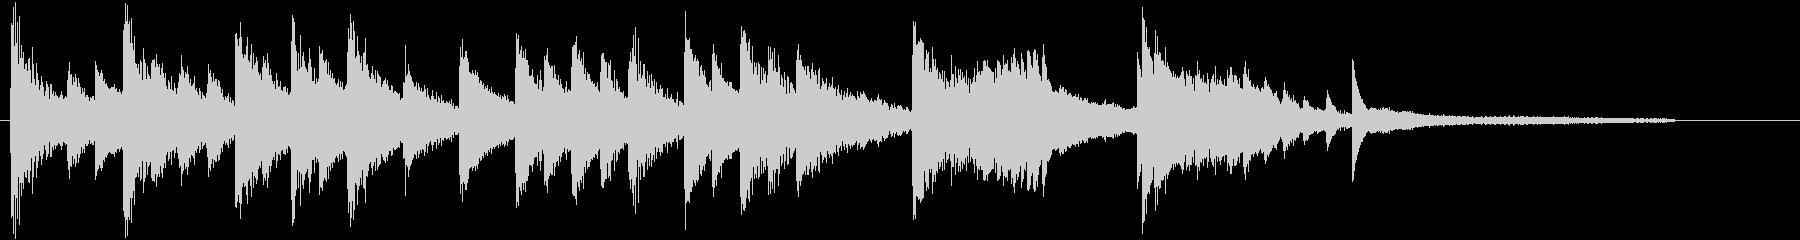 童謡・虫のこえモチーフのピアノジングルBの未再生の波形